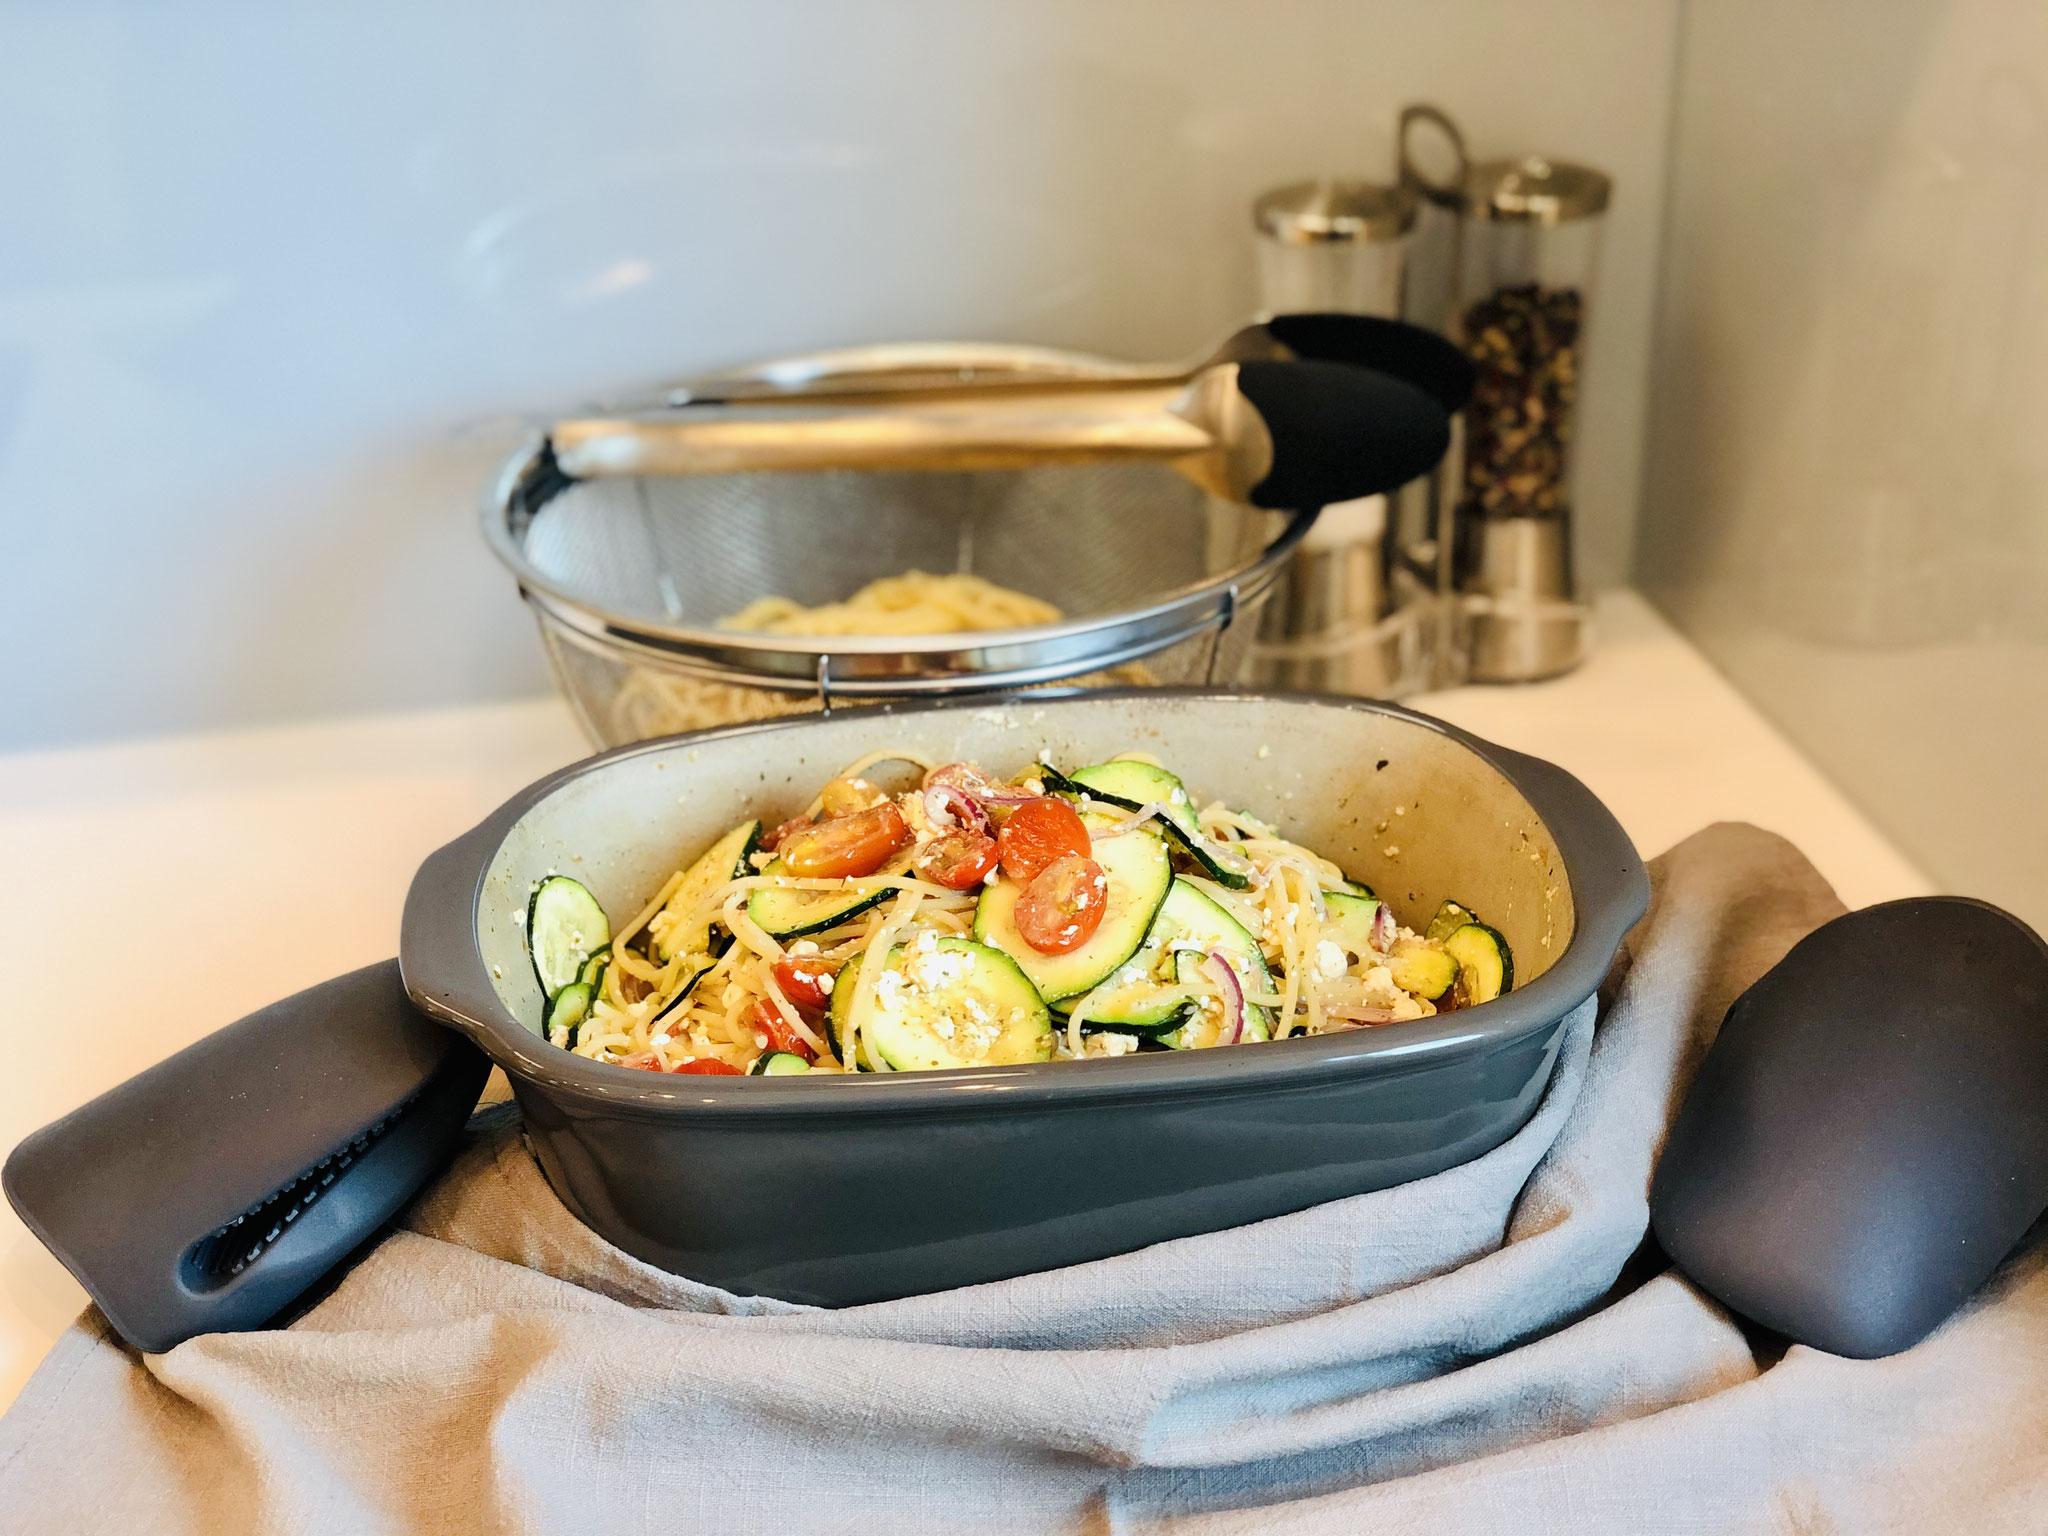 Wenn alles gar ist, dann gibst du die vorgegarten Spaghetti dazu und vermischst alles miteinander ♥